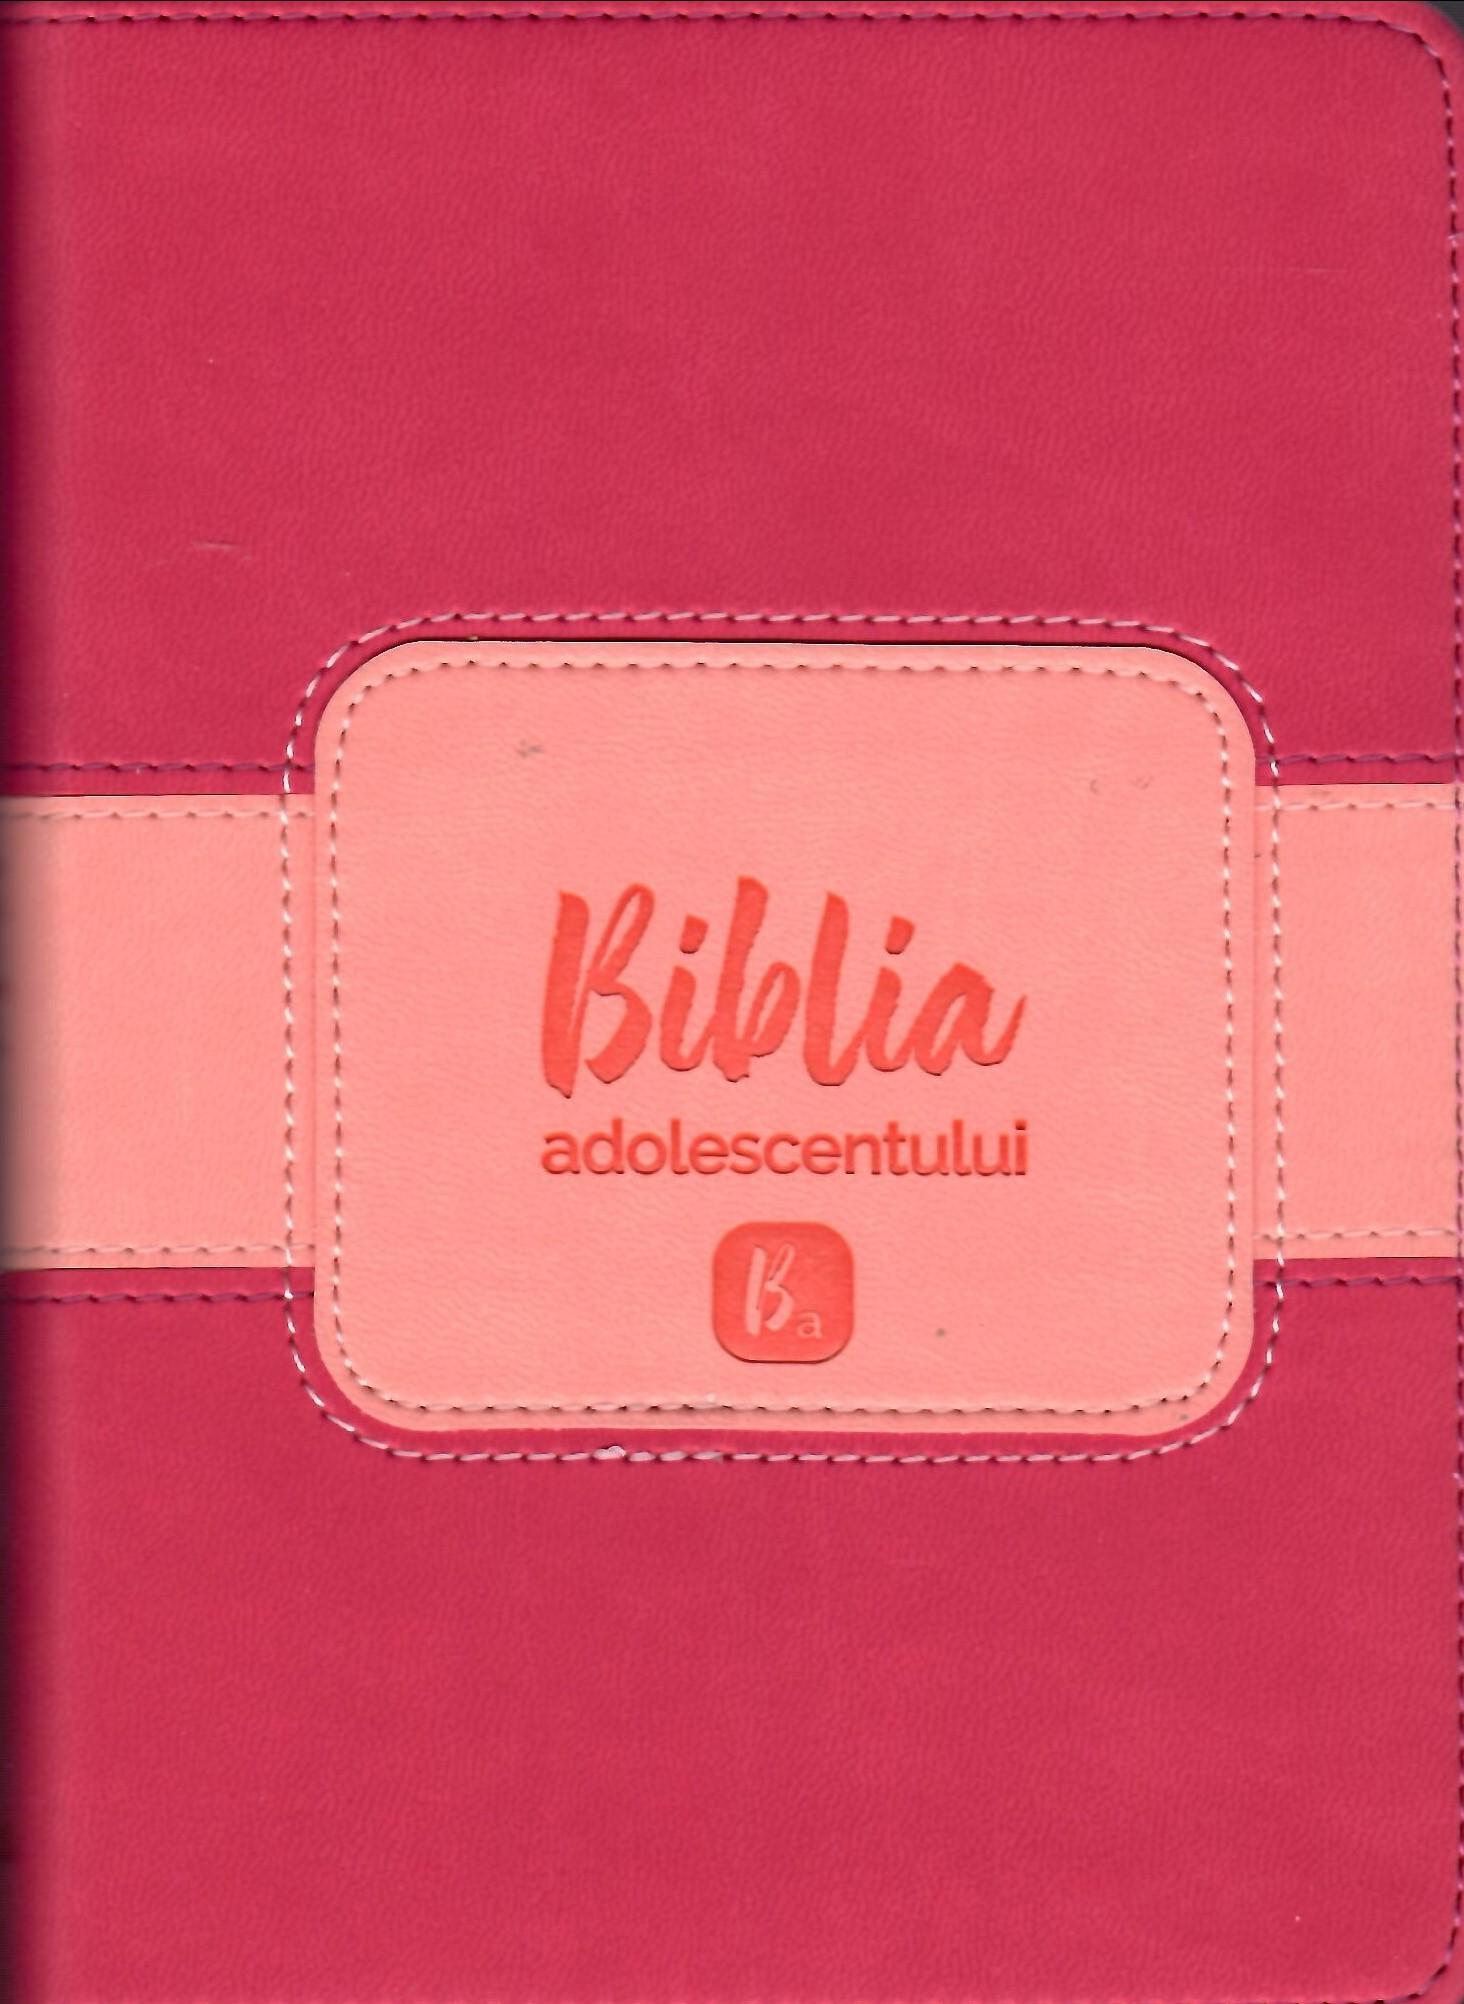 Biblia adolescentului - copertă cyclamen